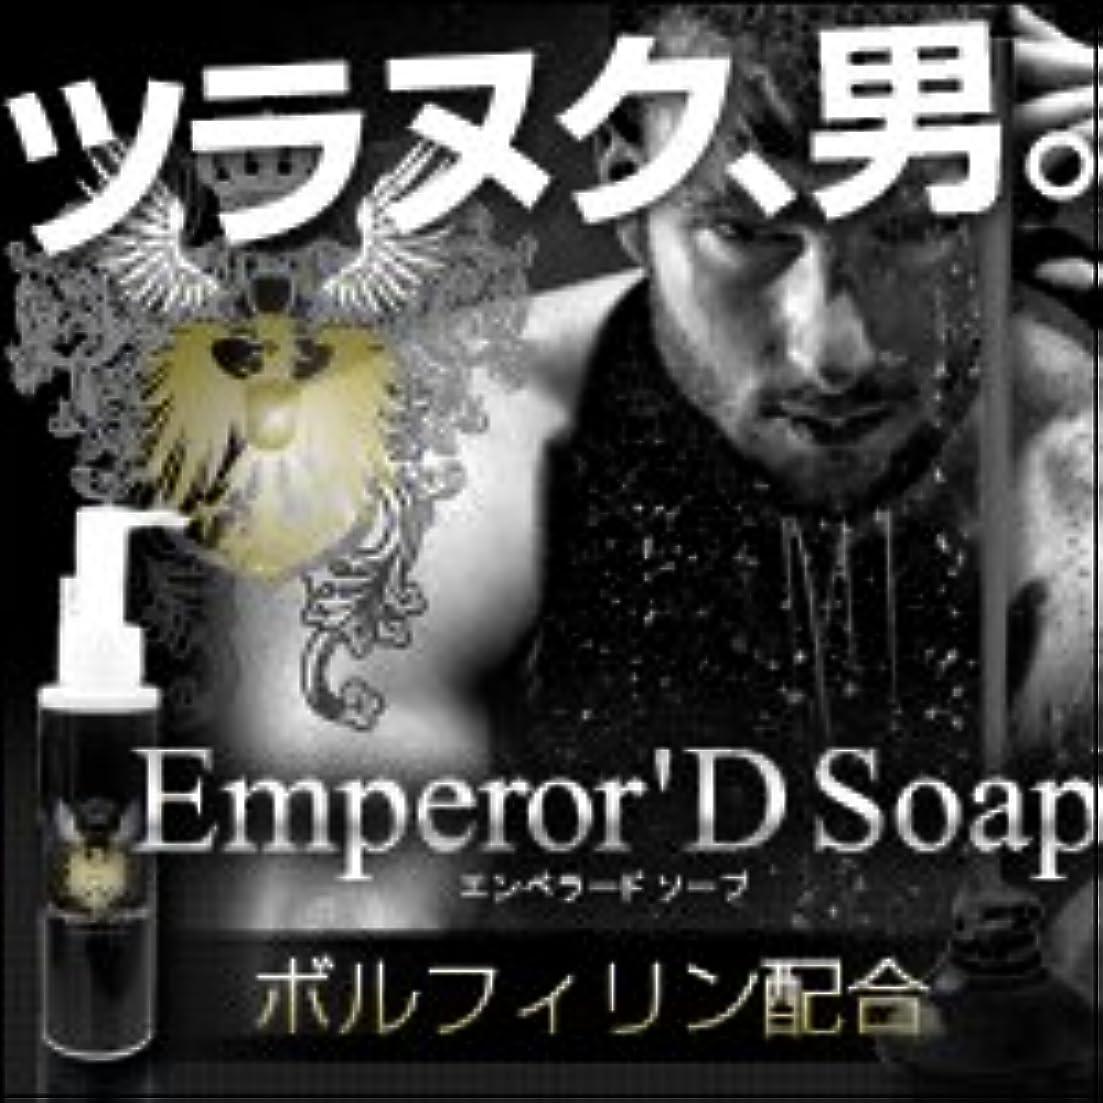 にぎやかやがて送金【Emperor'D Soap(エンペラードソープ)】ツラヌク男になる!!!